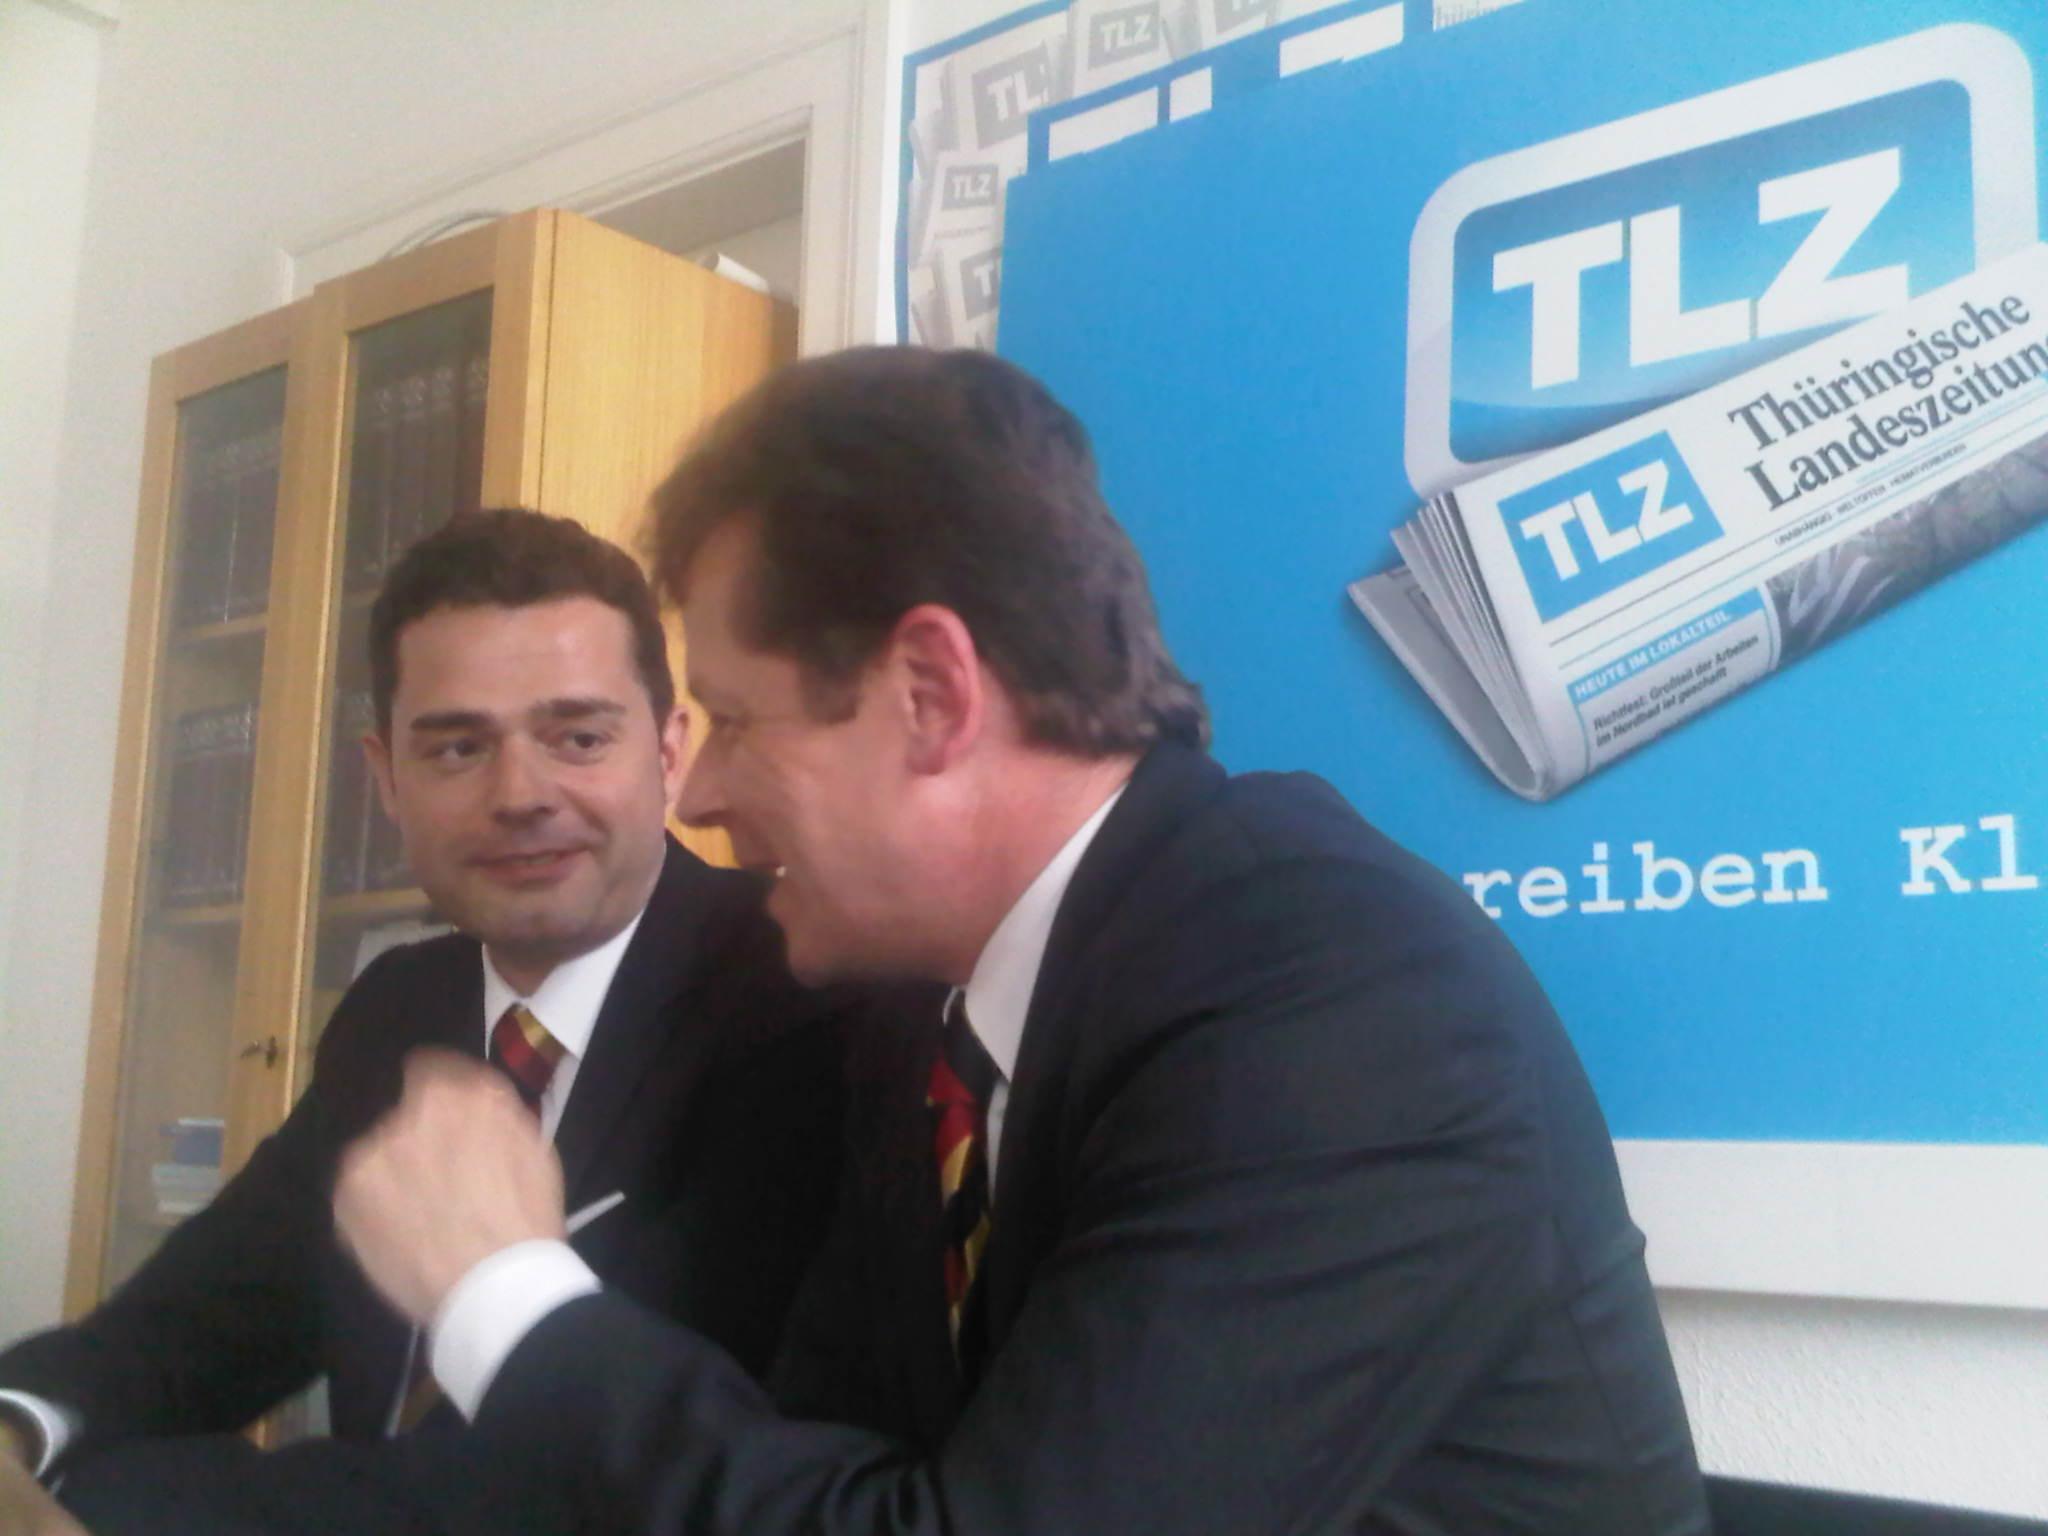 Mike Mohring und Uwe Barth bei der TLZ